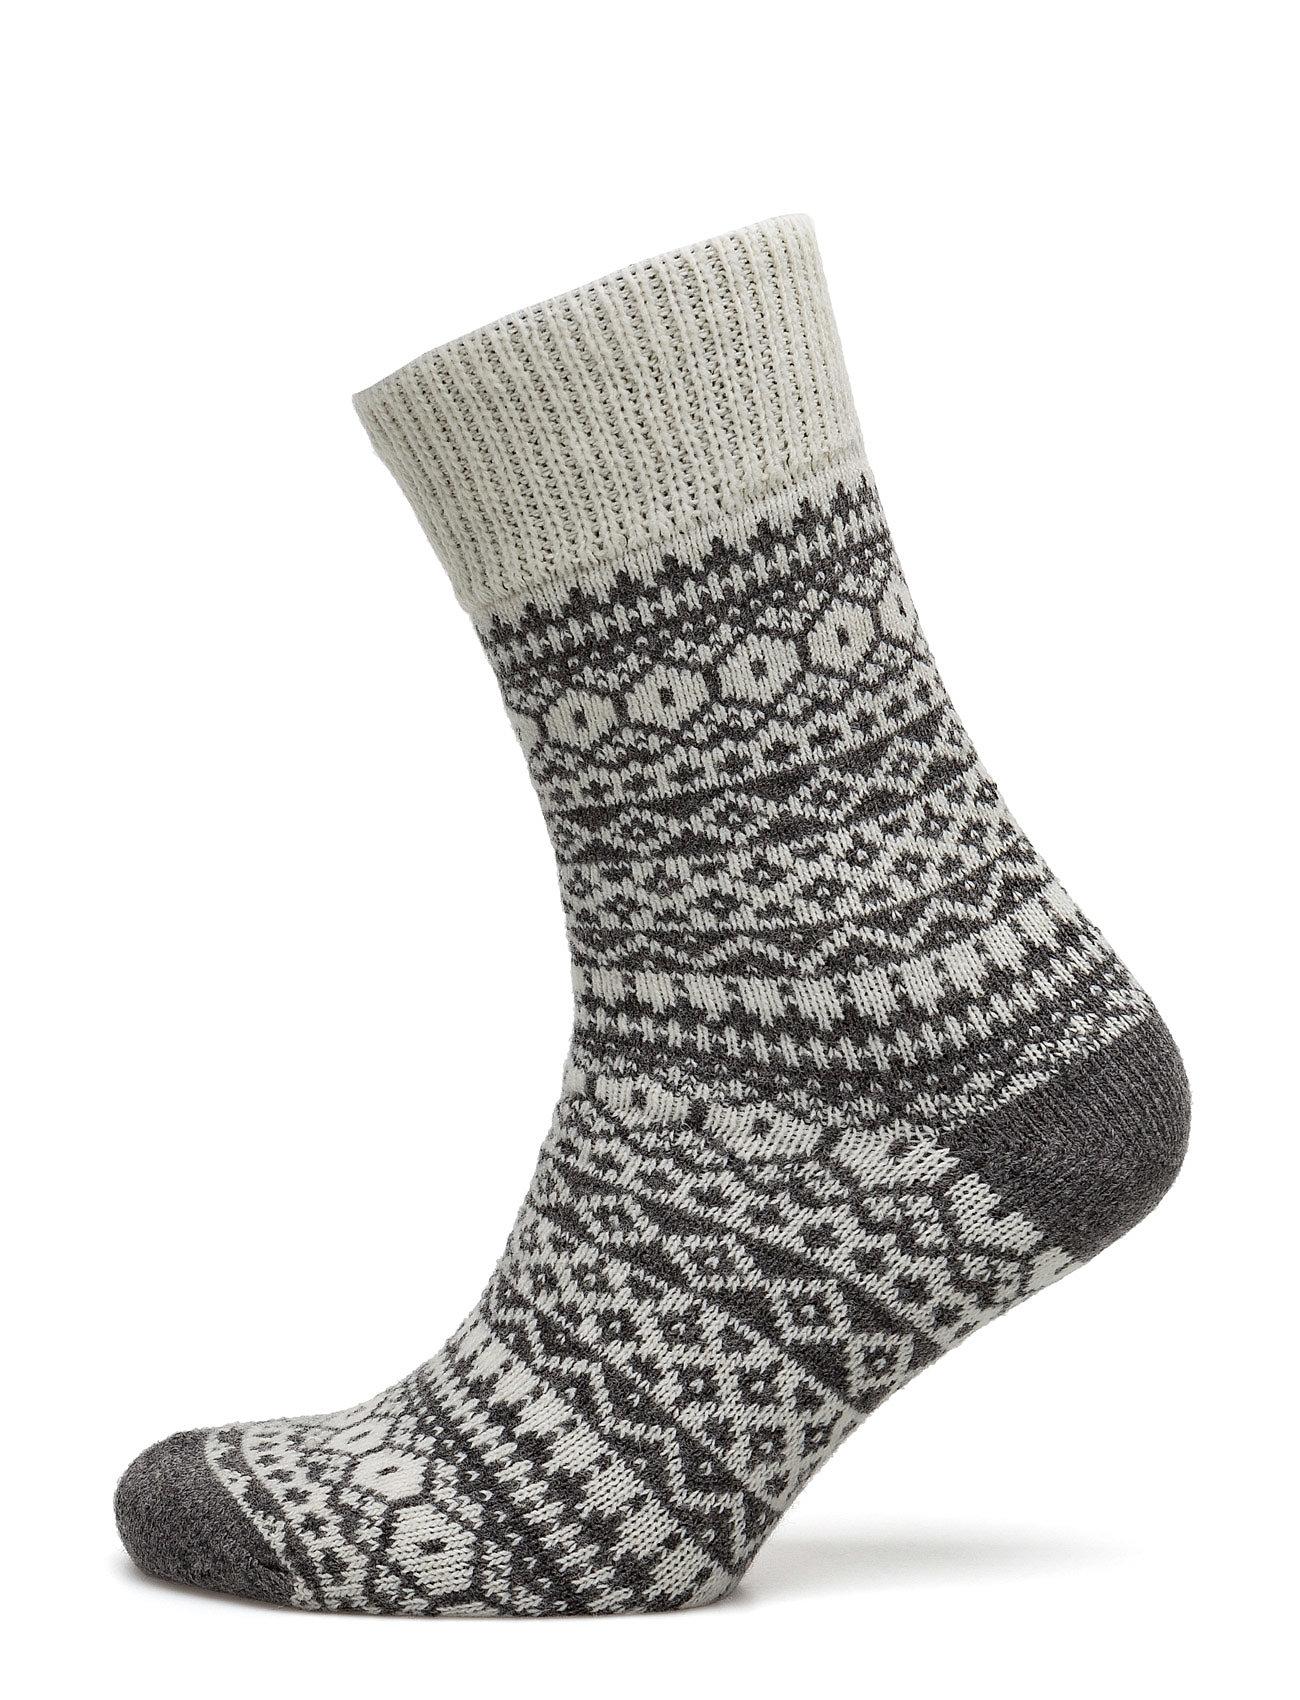 Ladies Anklesock, Heritage Home Sock Vogue Strømpebukser til Damer i Off-White